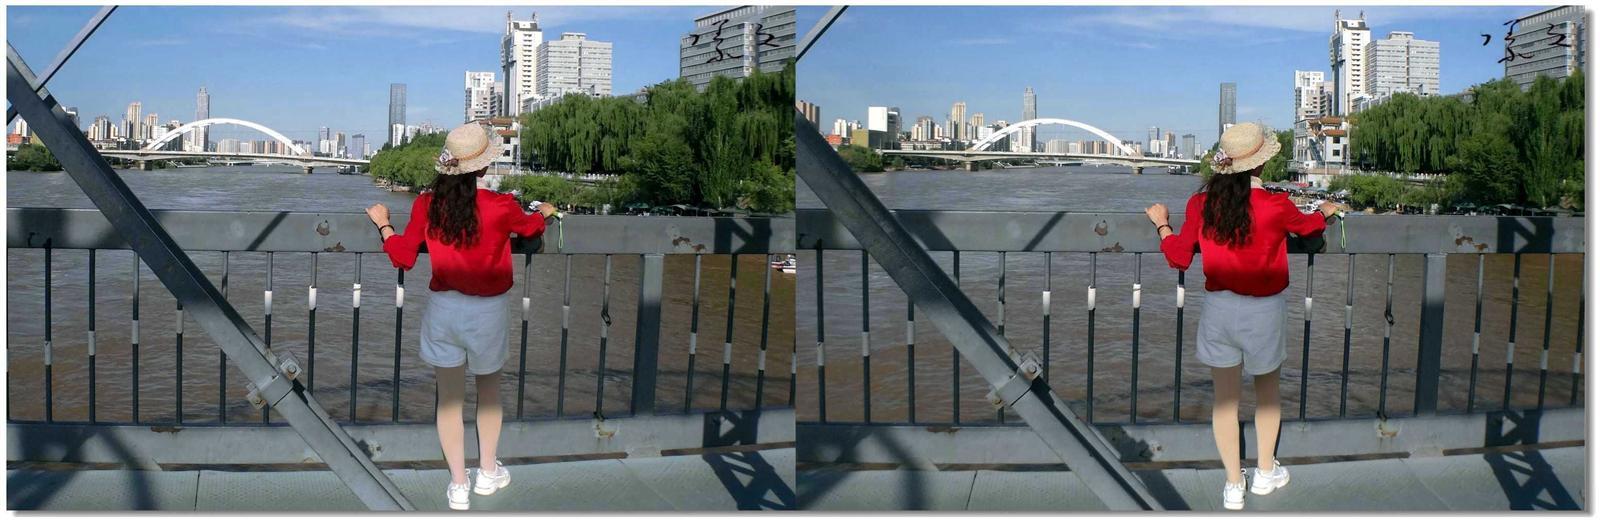 【原创】铁桥上的风景 -2